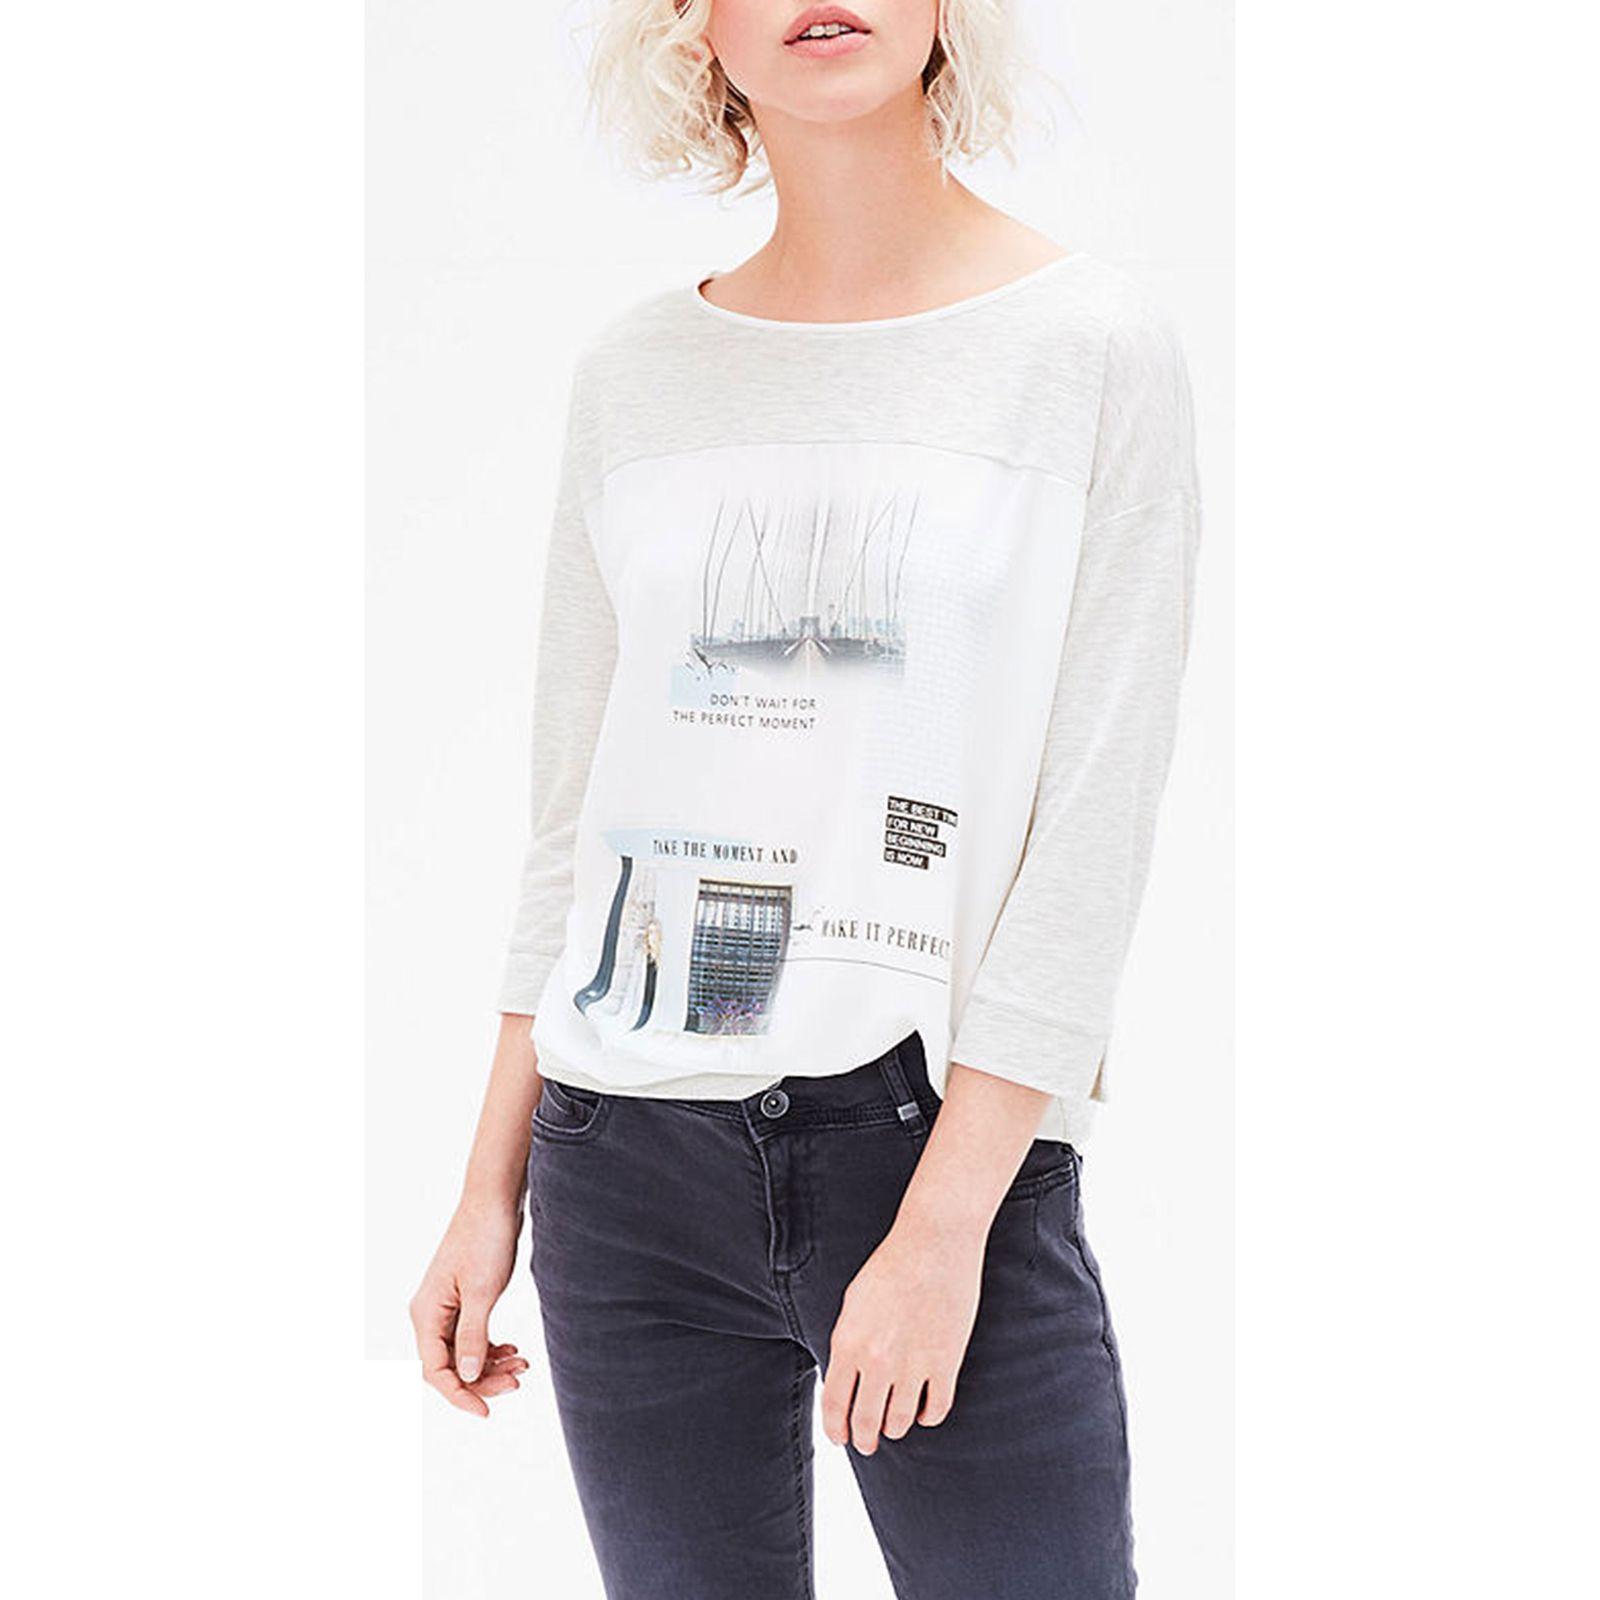 تی شرت یقه گرد زنانه - اس.اولیور - طوسي روشن - 4